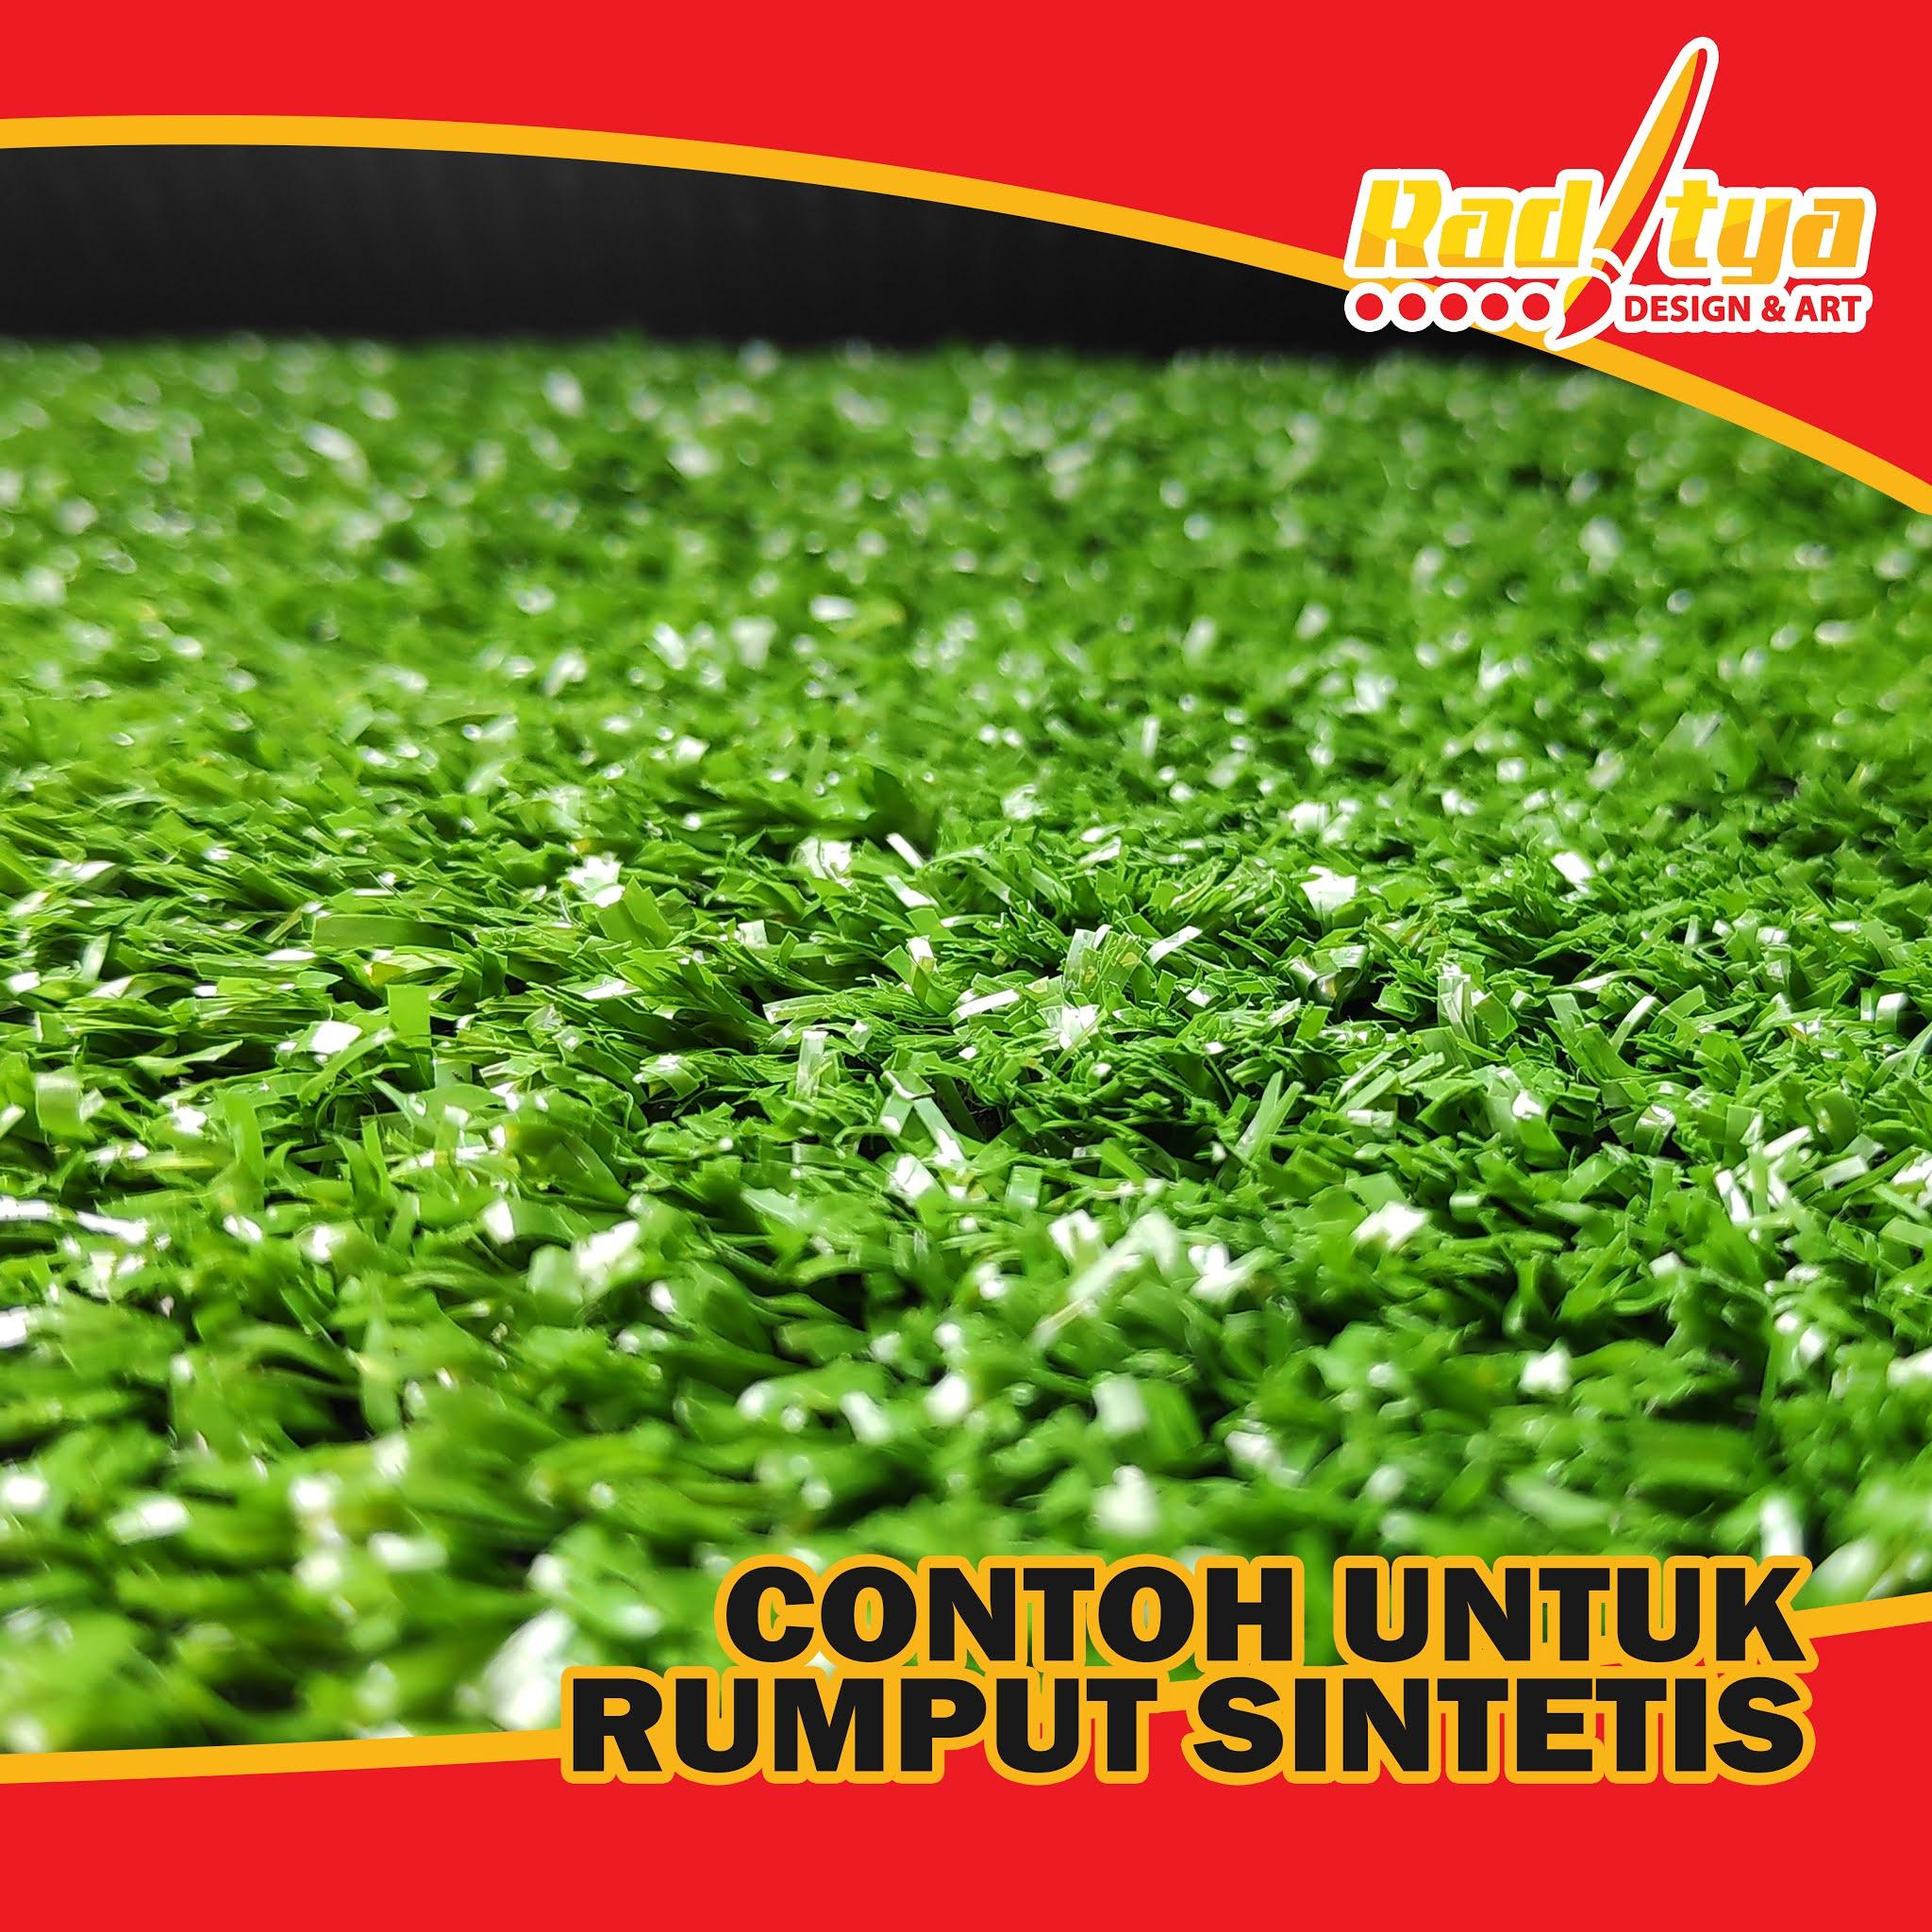 Contoh Untuk Rumput sintetis bagus